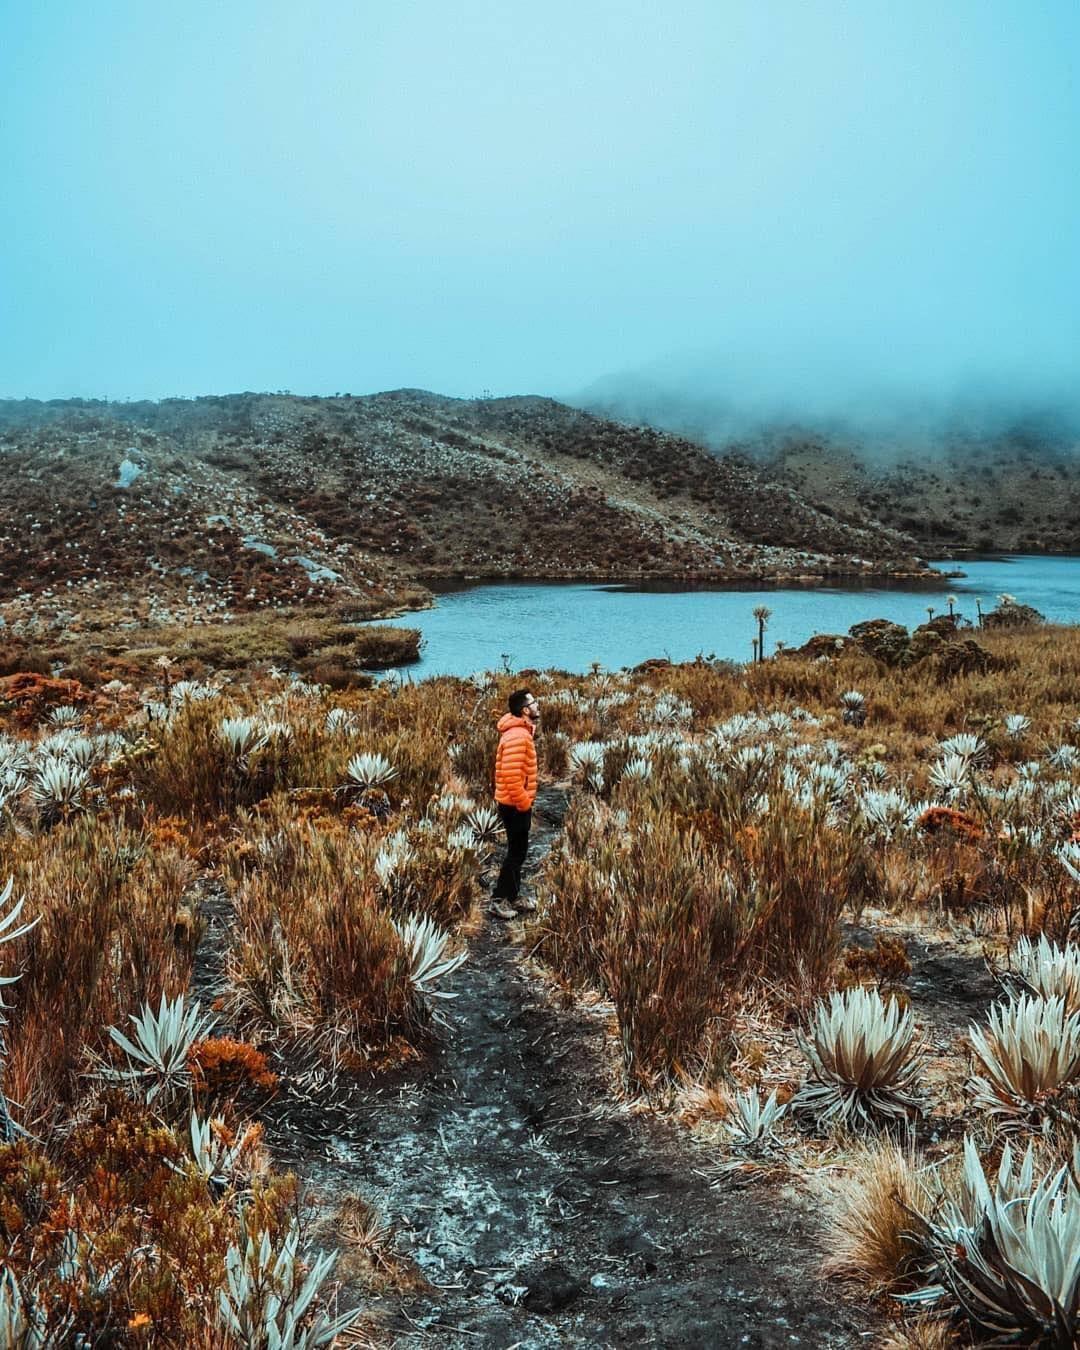 El Parque Nacional Natural Chingaza Es Uno De Los Mas Importantes En Colombia Ya Que Este Provee De Agua A Quiza U Travel Natural Landmarks My Favorite Image